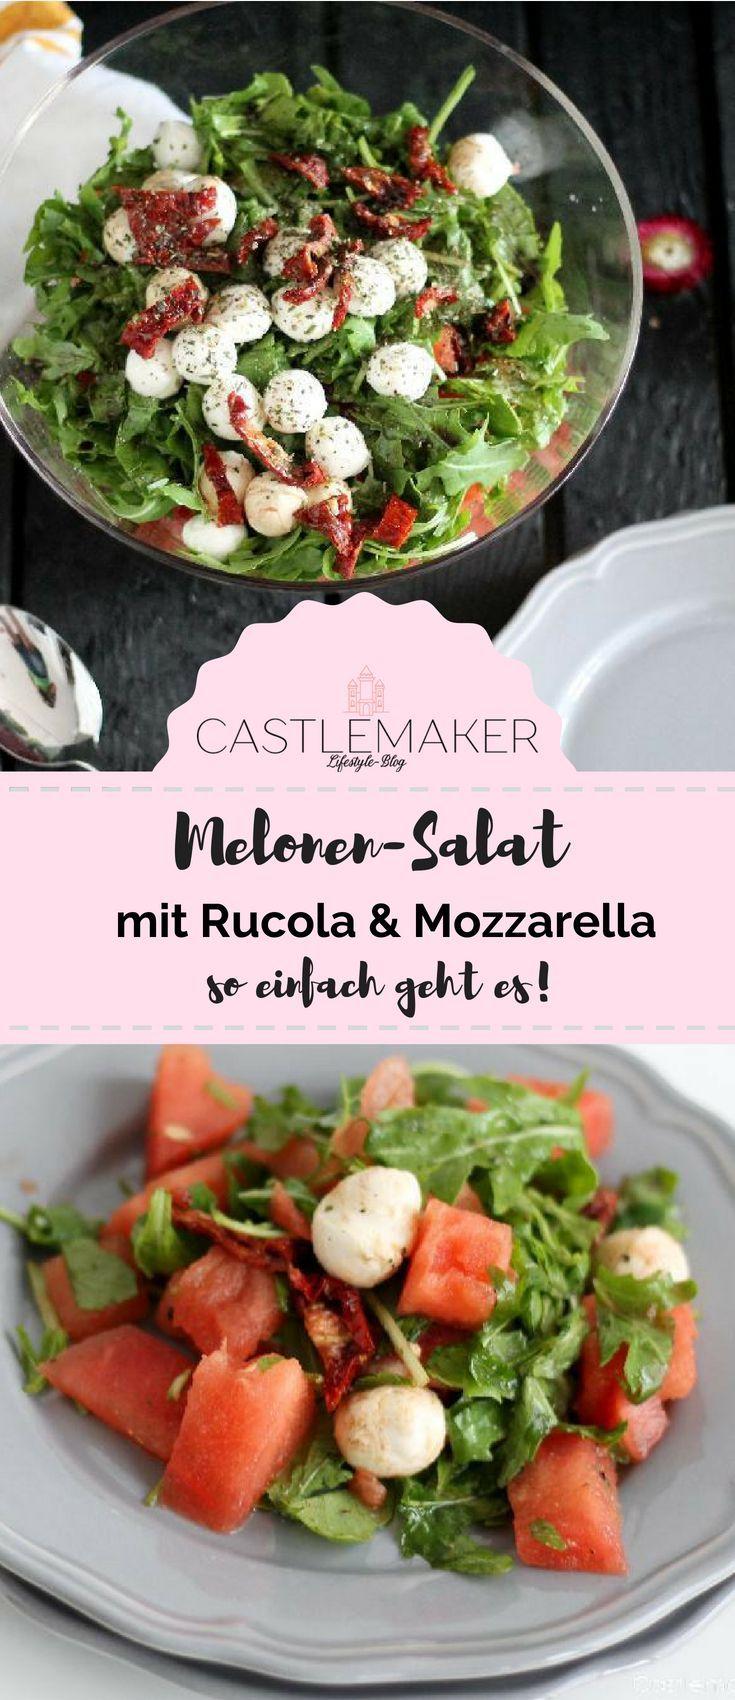 Der Partyhit: Melonen-Salat mit Rucola und Mozzarella #chickenalfredo